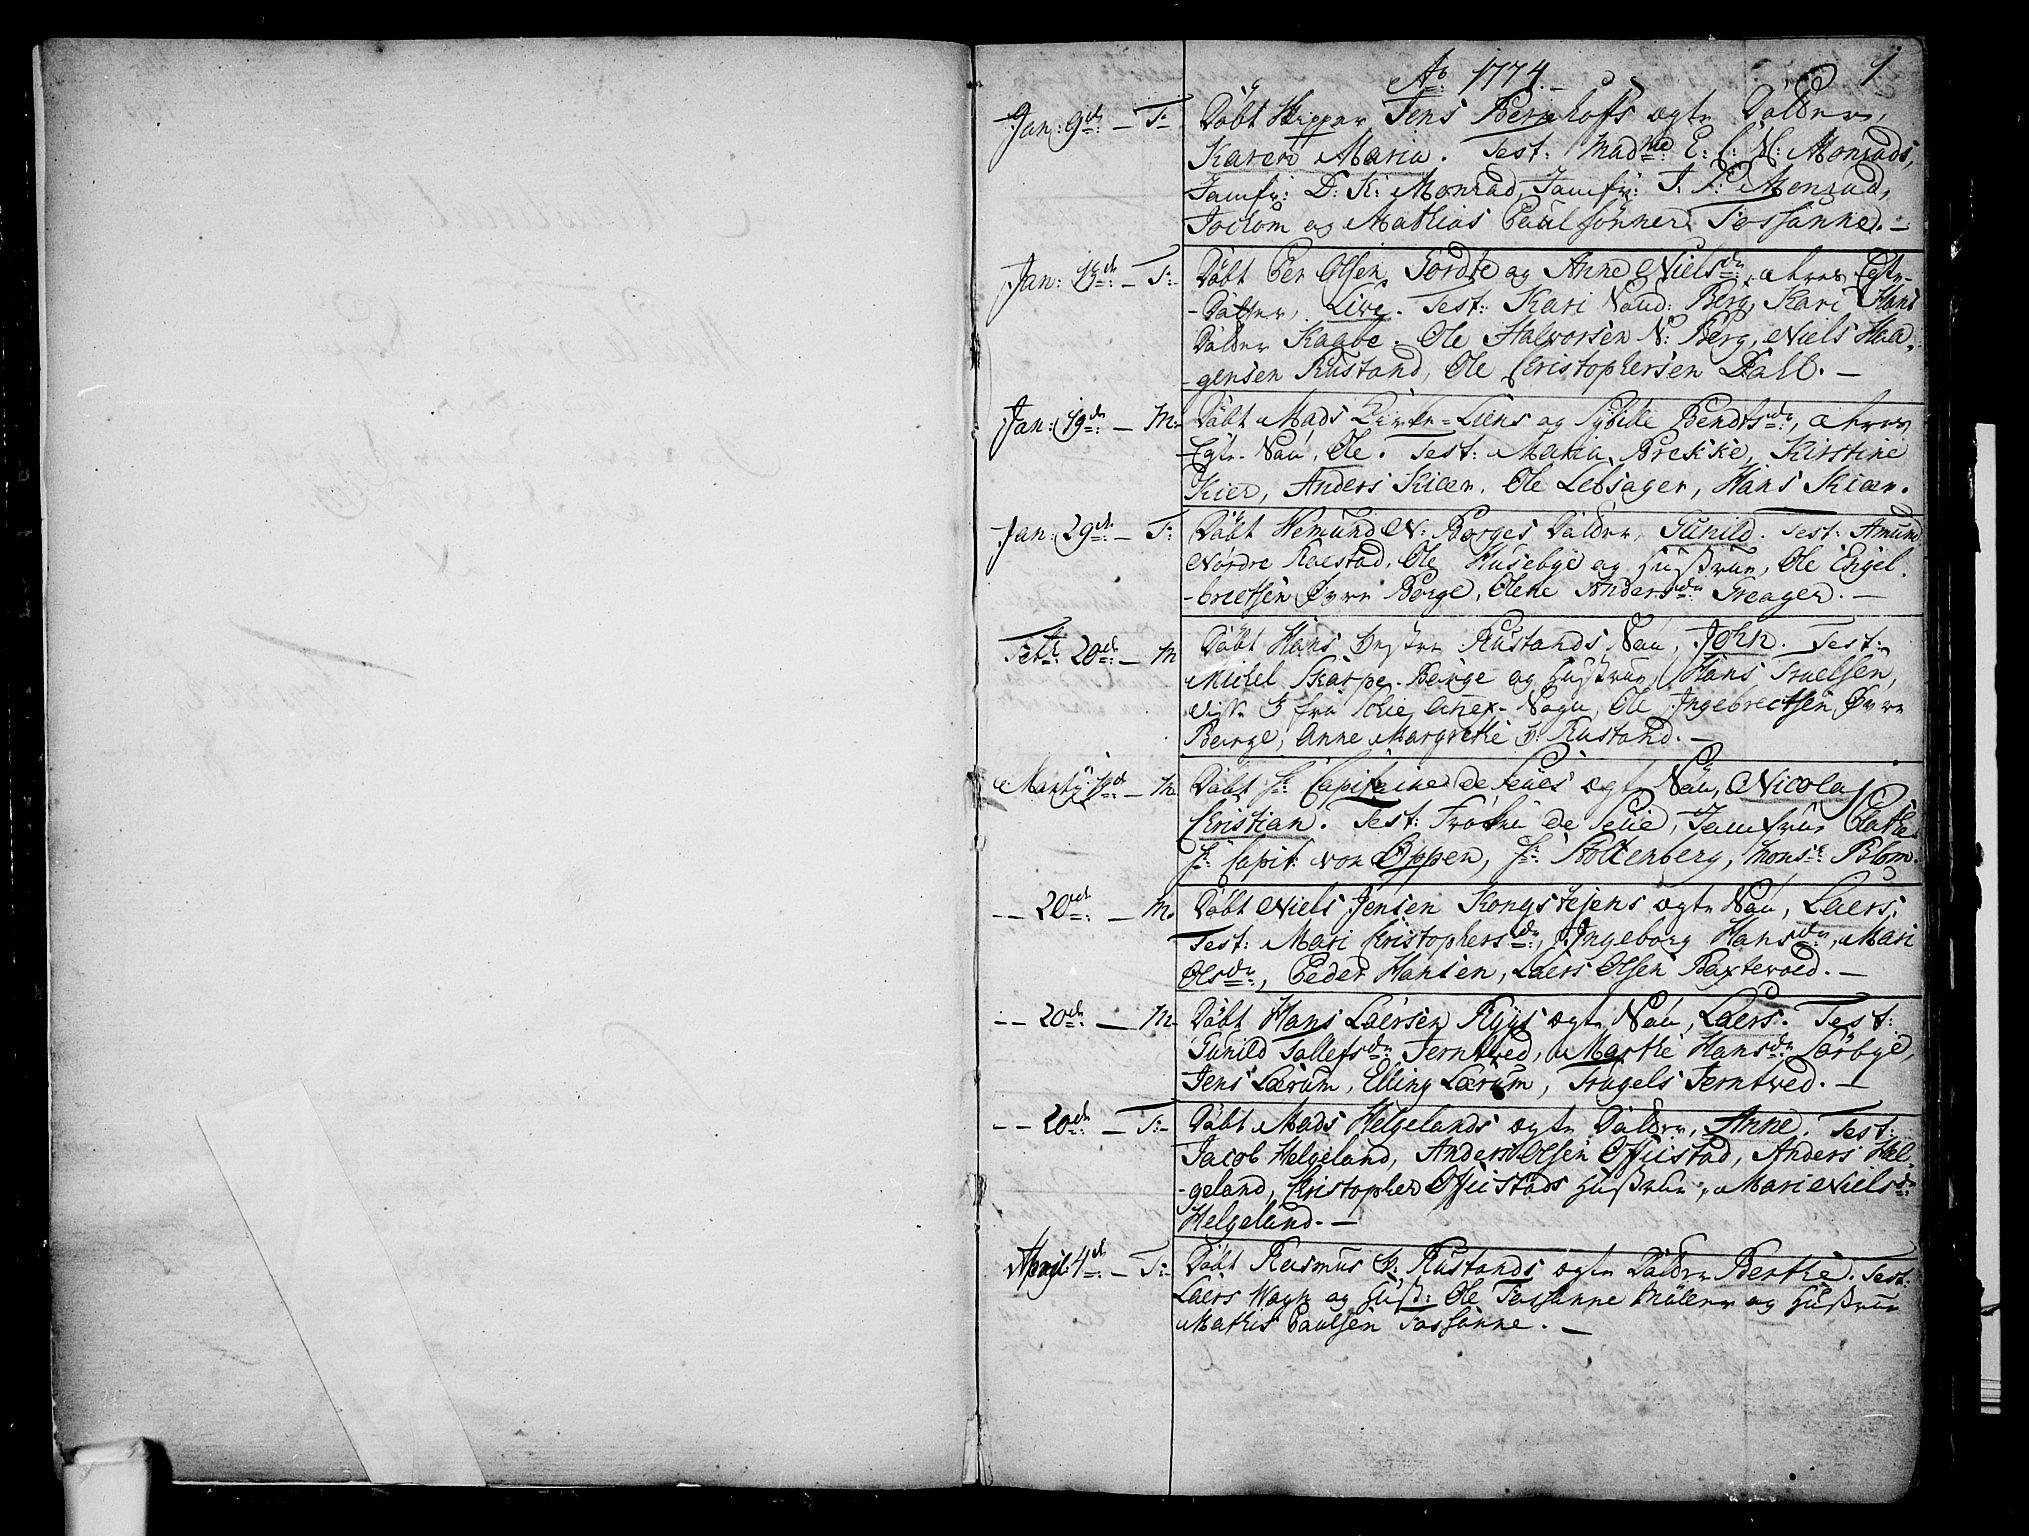 SAKO, Våle kirkebøker, F/Fa/L0005: Ministerialbok nr. I 5, 1773-1808, s. 0-1